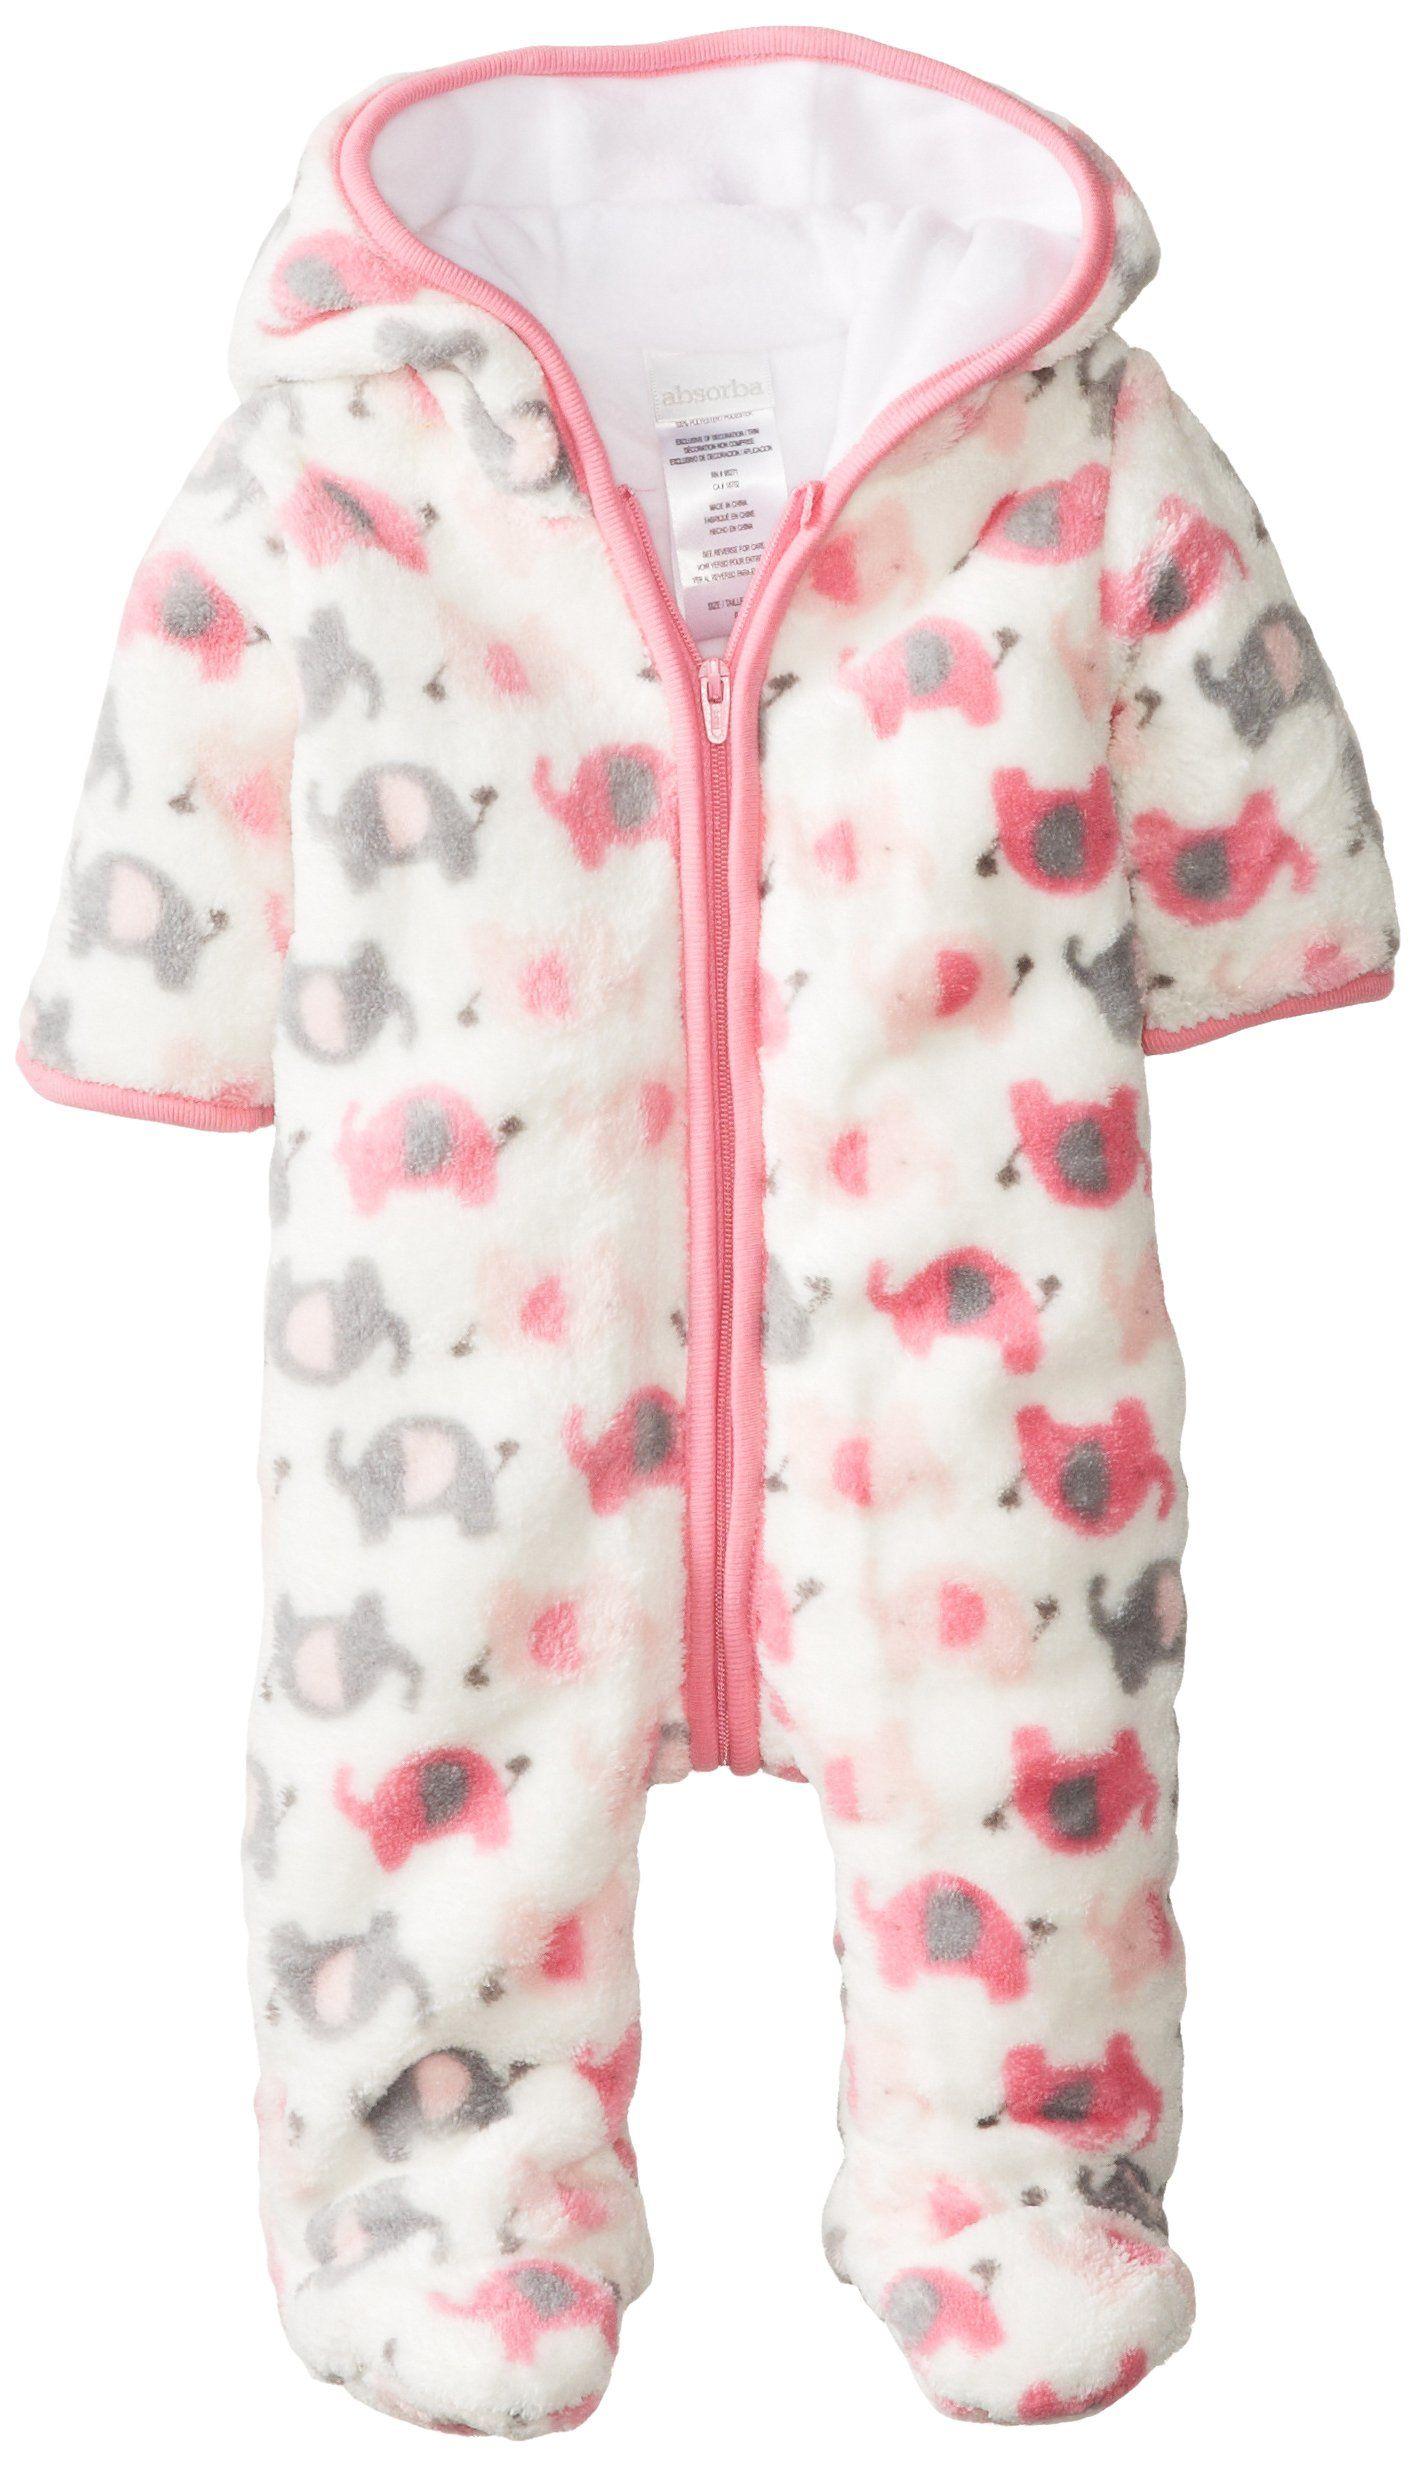 Absorba Baby Girls Newborn G Elephant Fuzzy Footie Pink